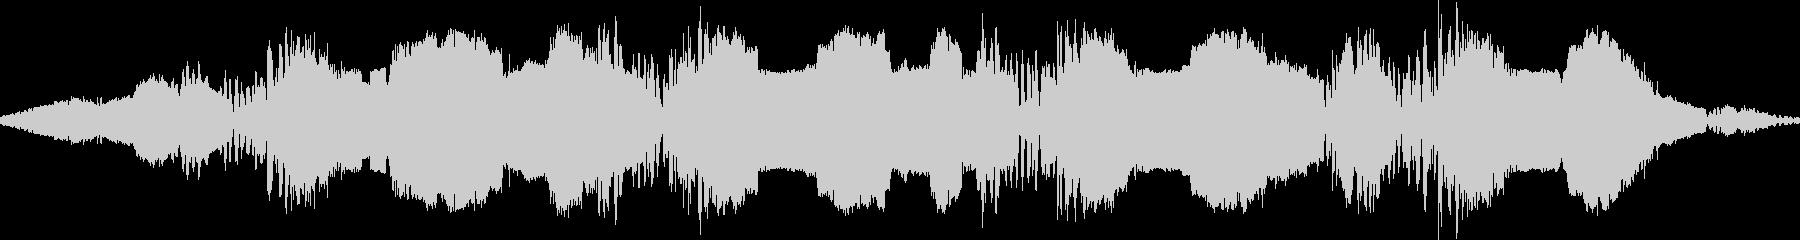 ランダム合成0606 ZGの未再生の波形